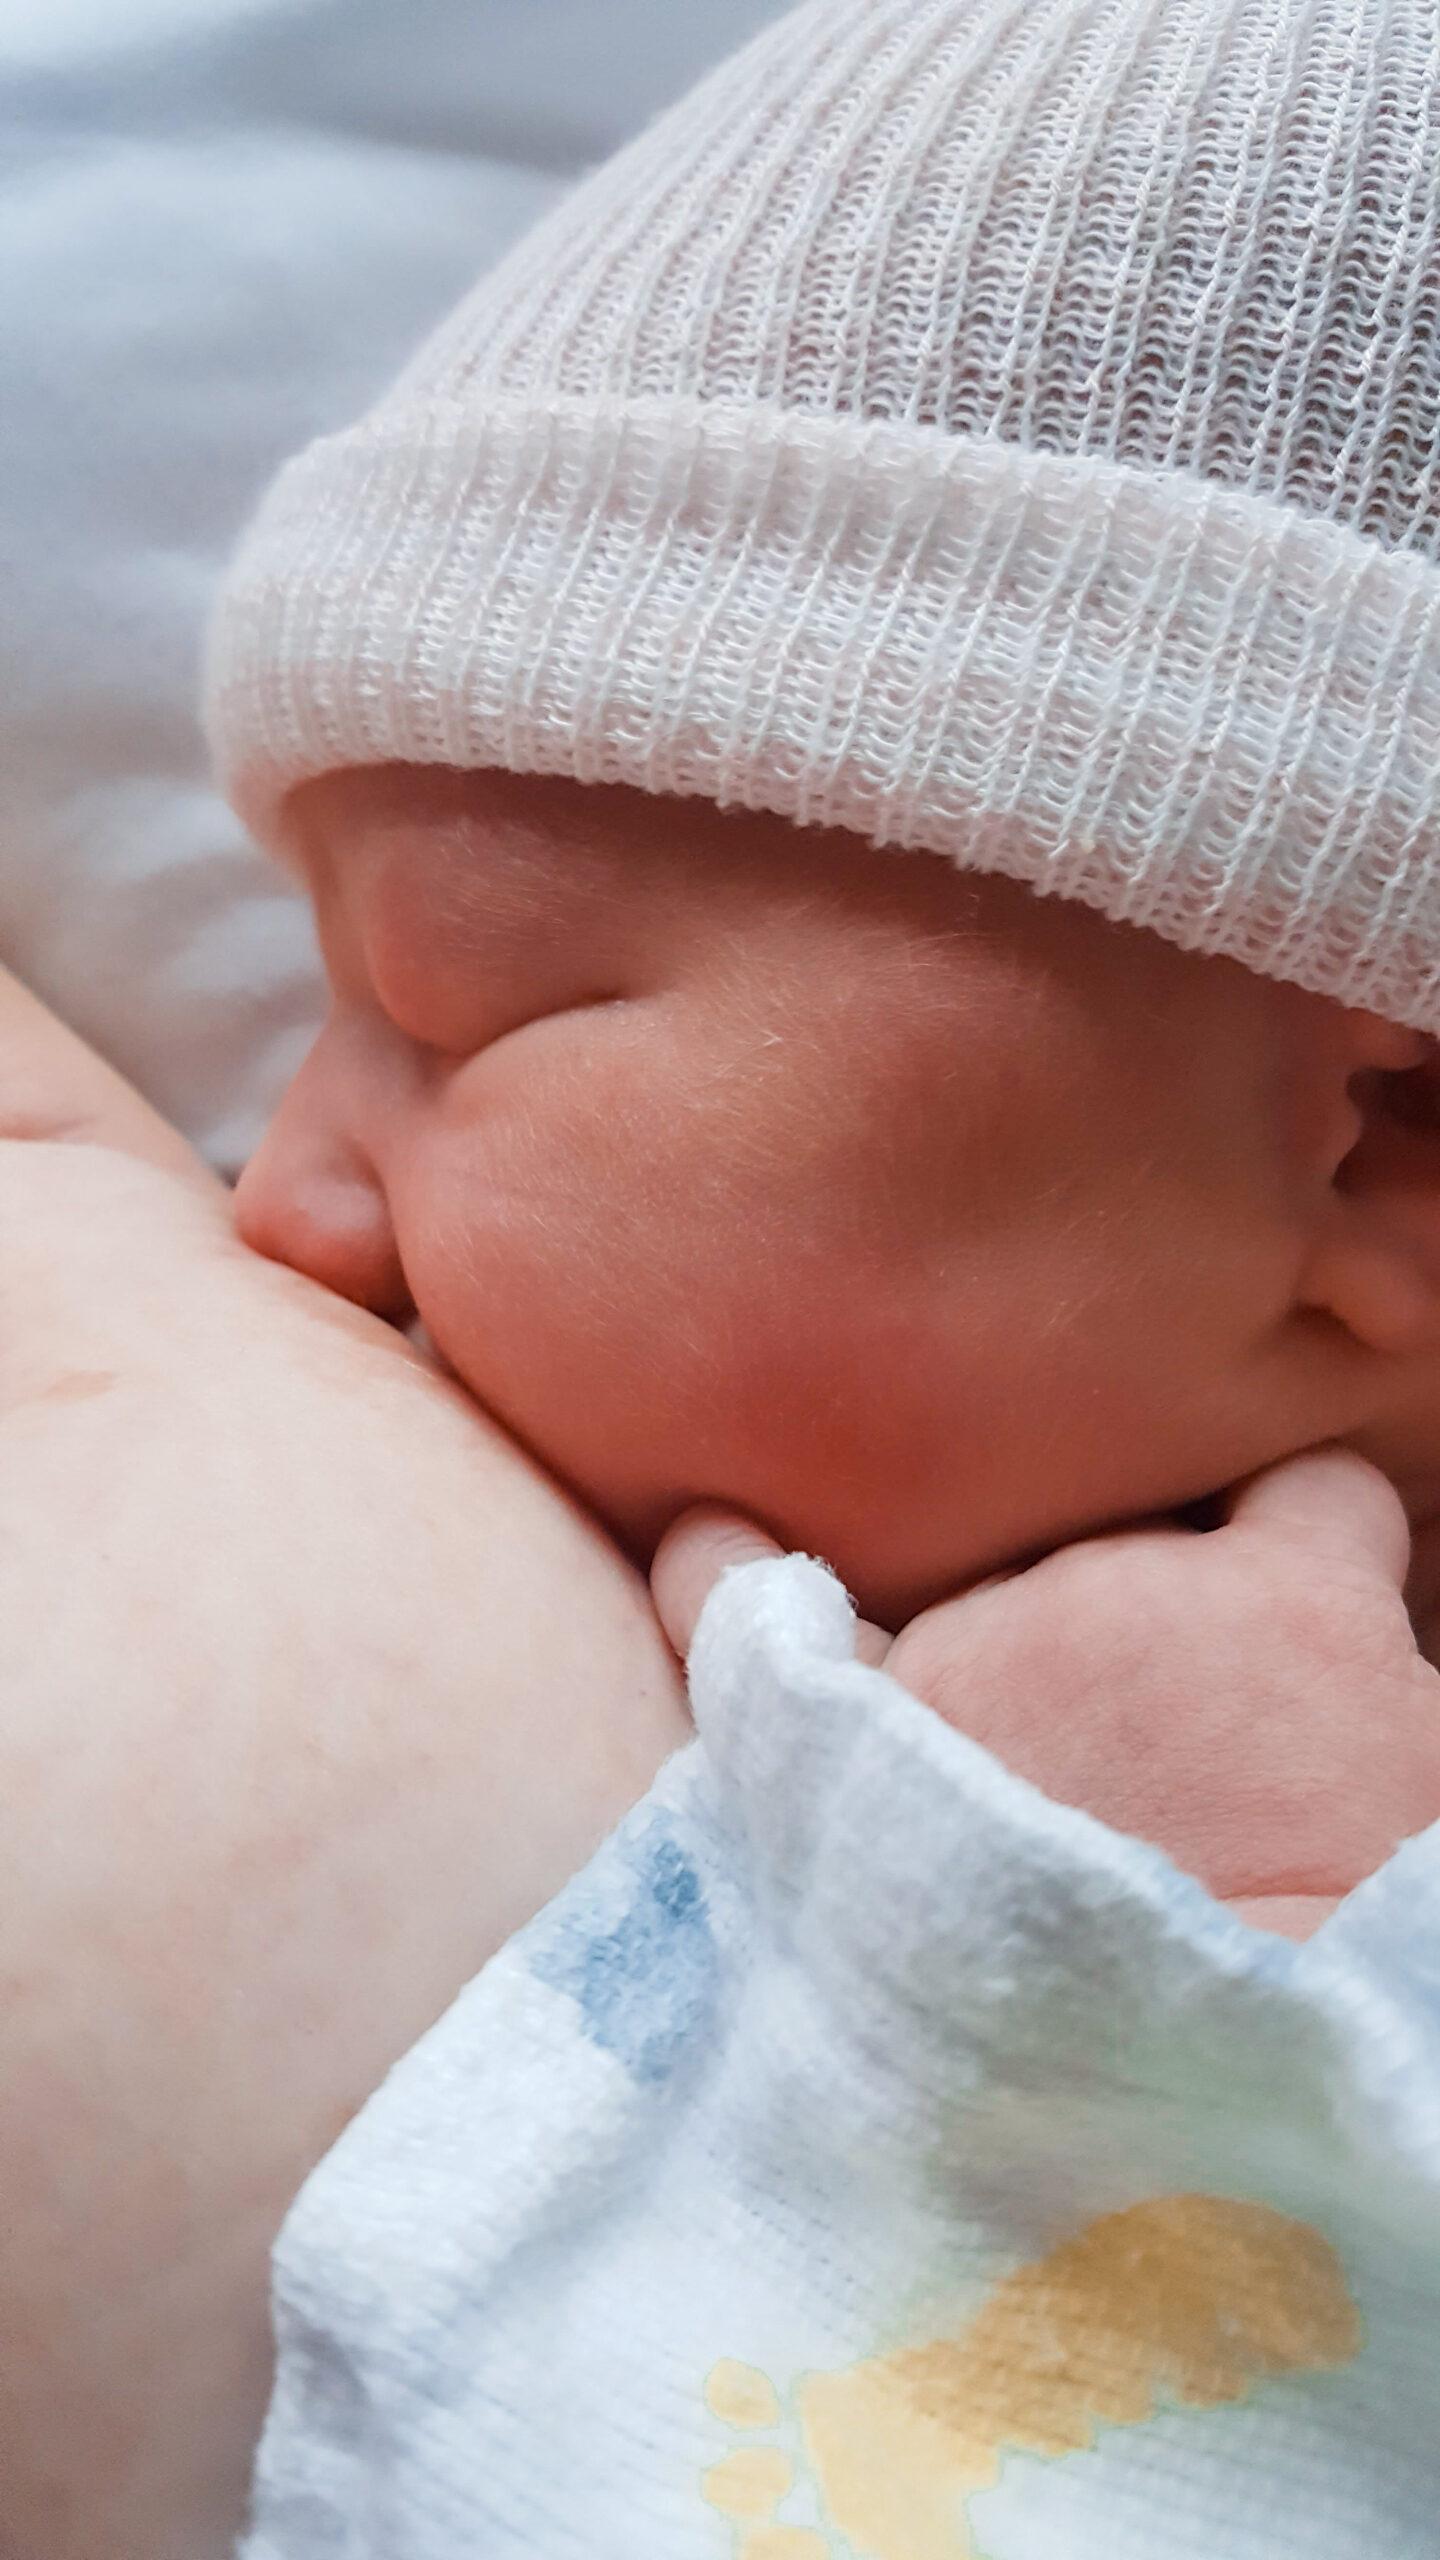 World Breastfeeding Week: My Breastfeeding Journey Is Ending